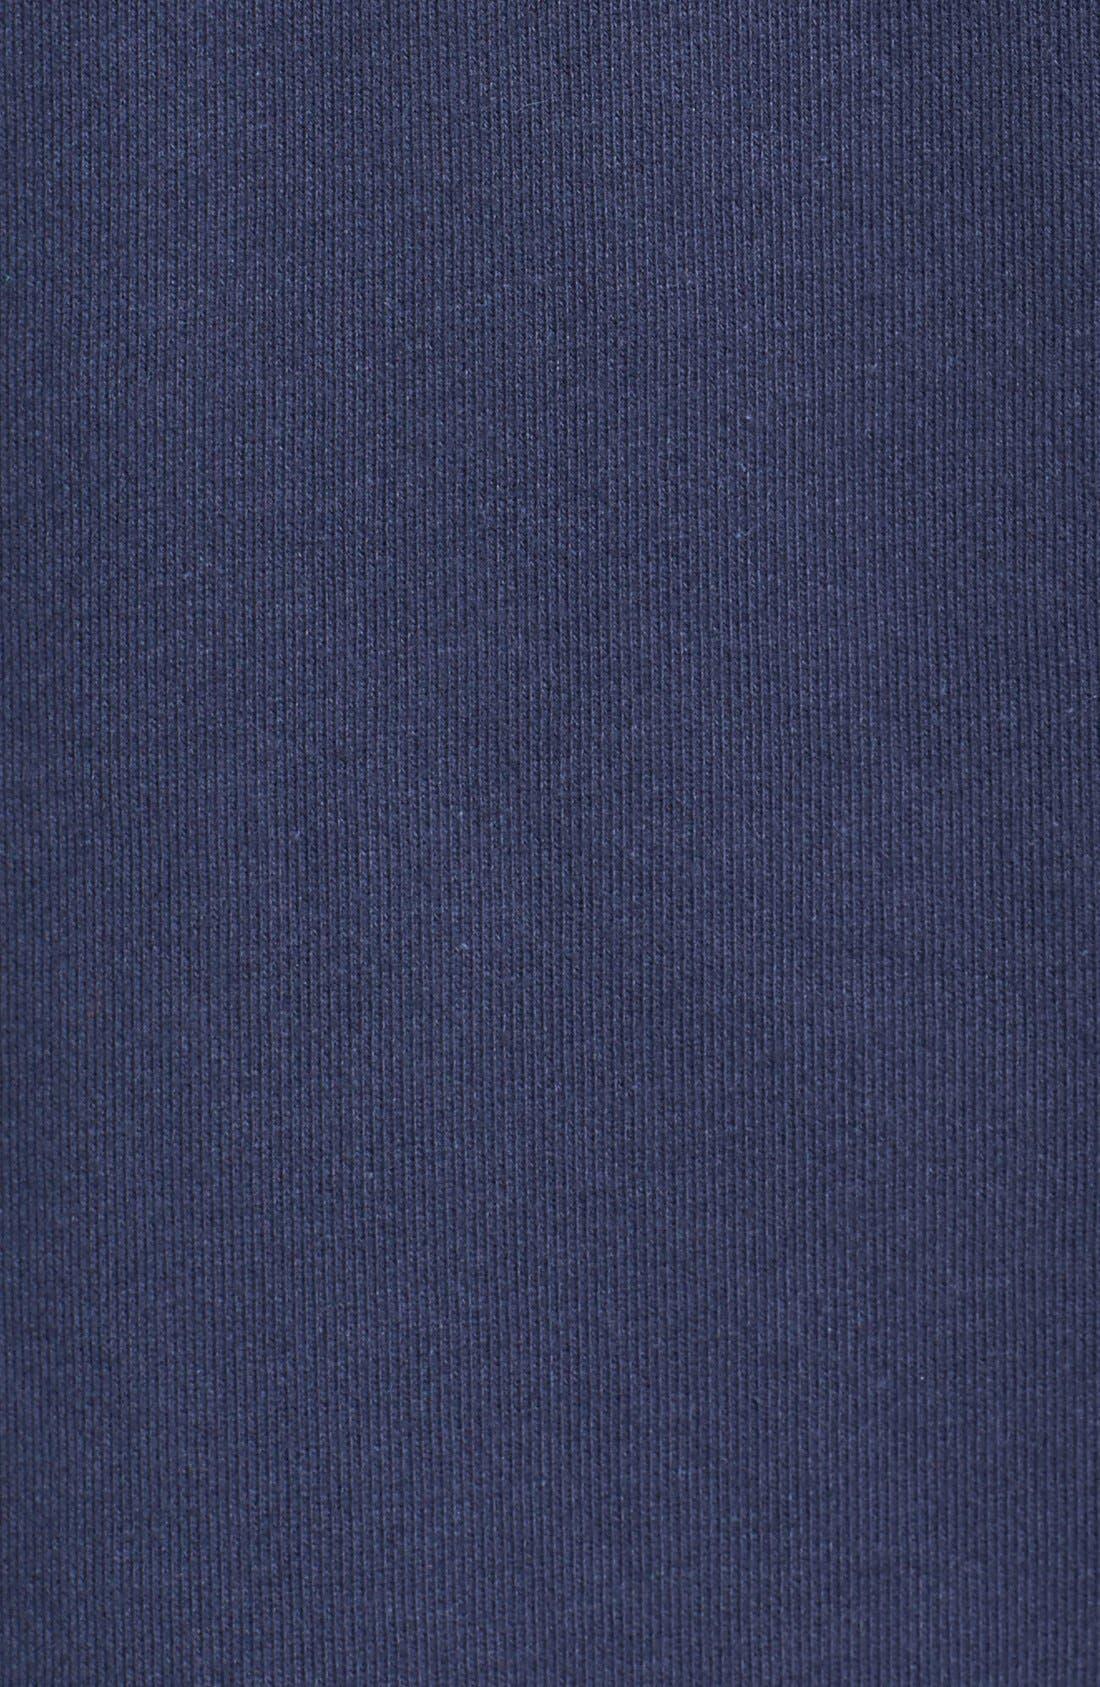 Alternate Image 3  - Mitchell & Ness 'Chicago White Sox' Full Zip Hoodie